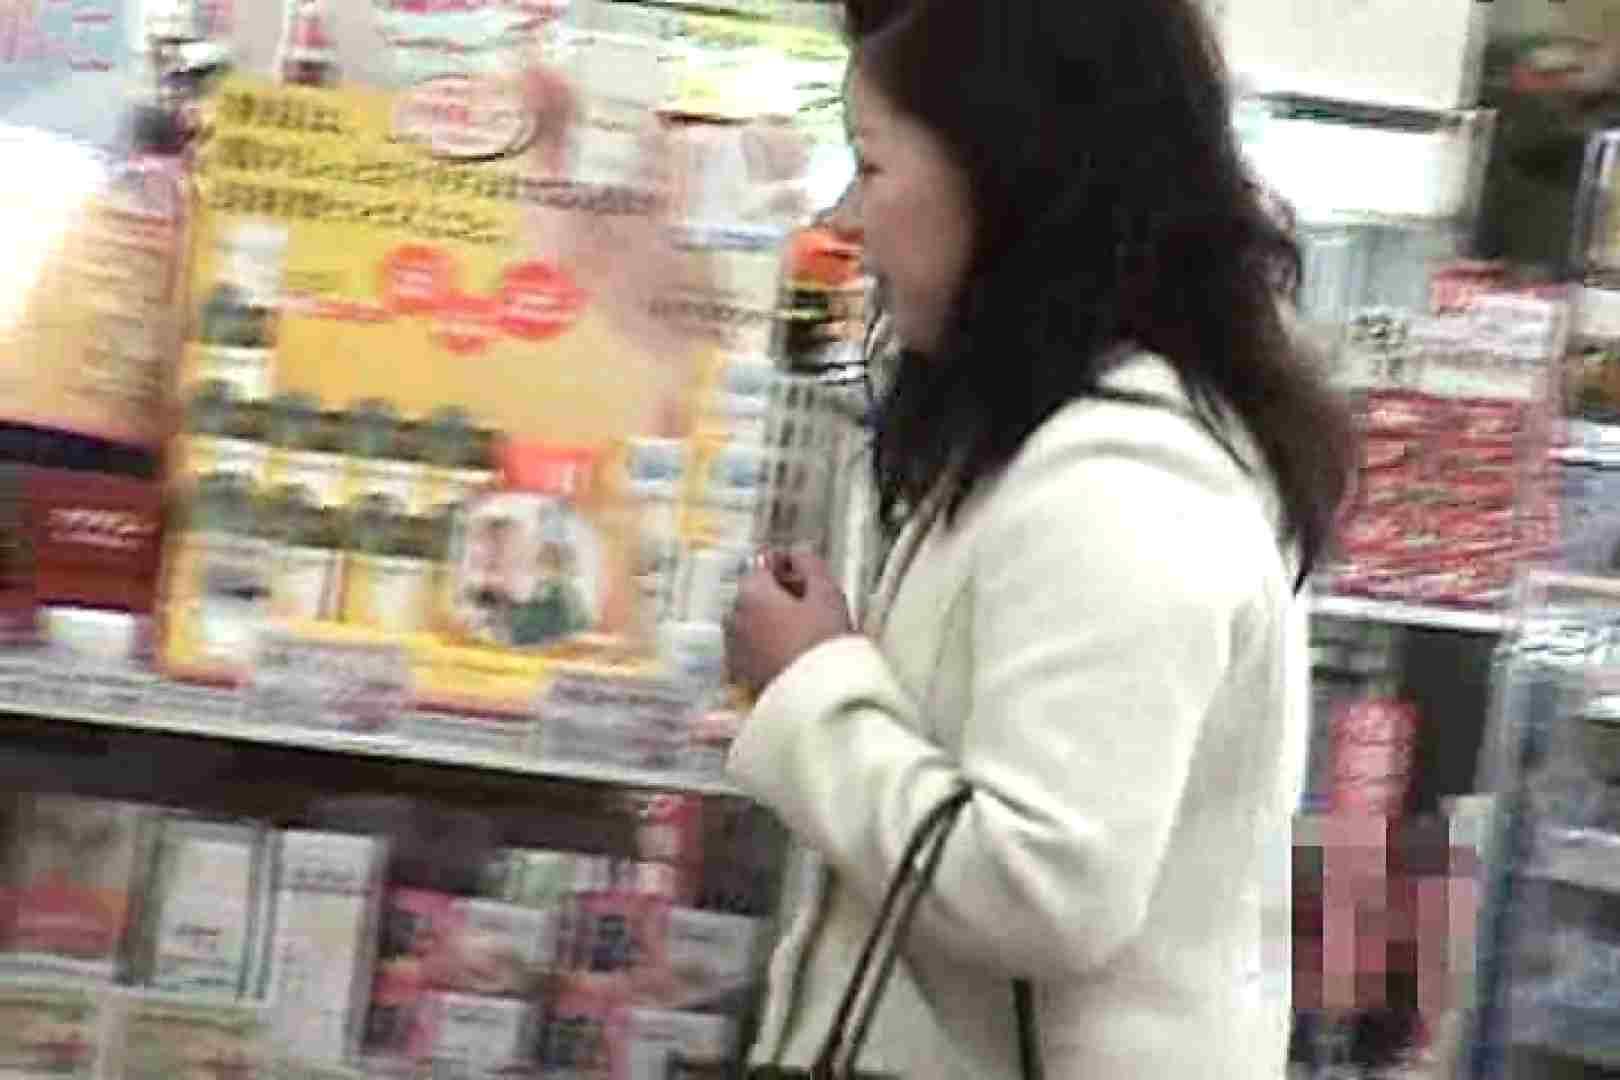 マンチラインパクトVol.2 現役ギャル 盗撮動画紹介 71pic 23